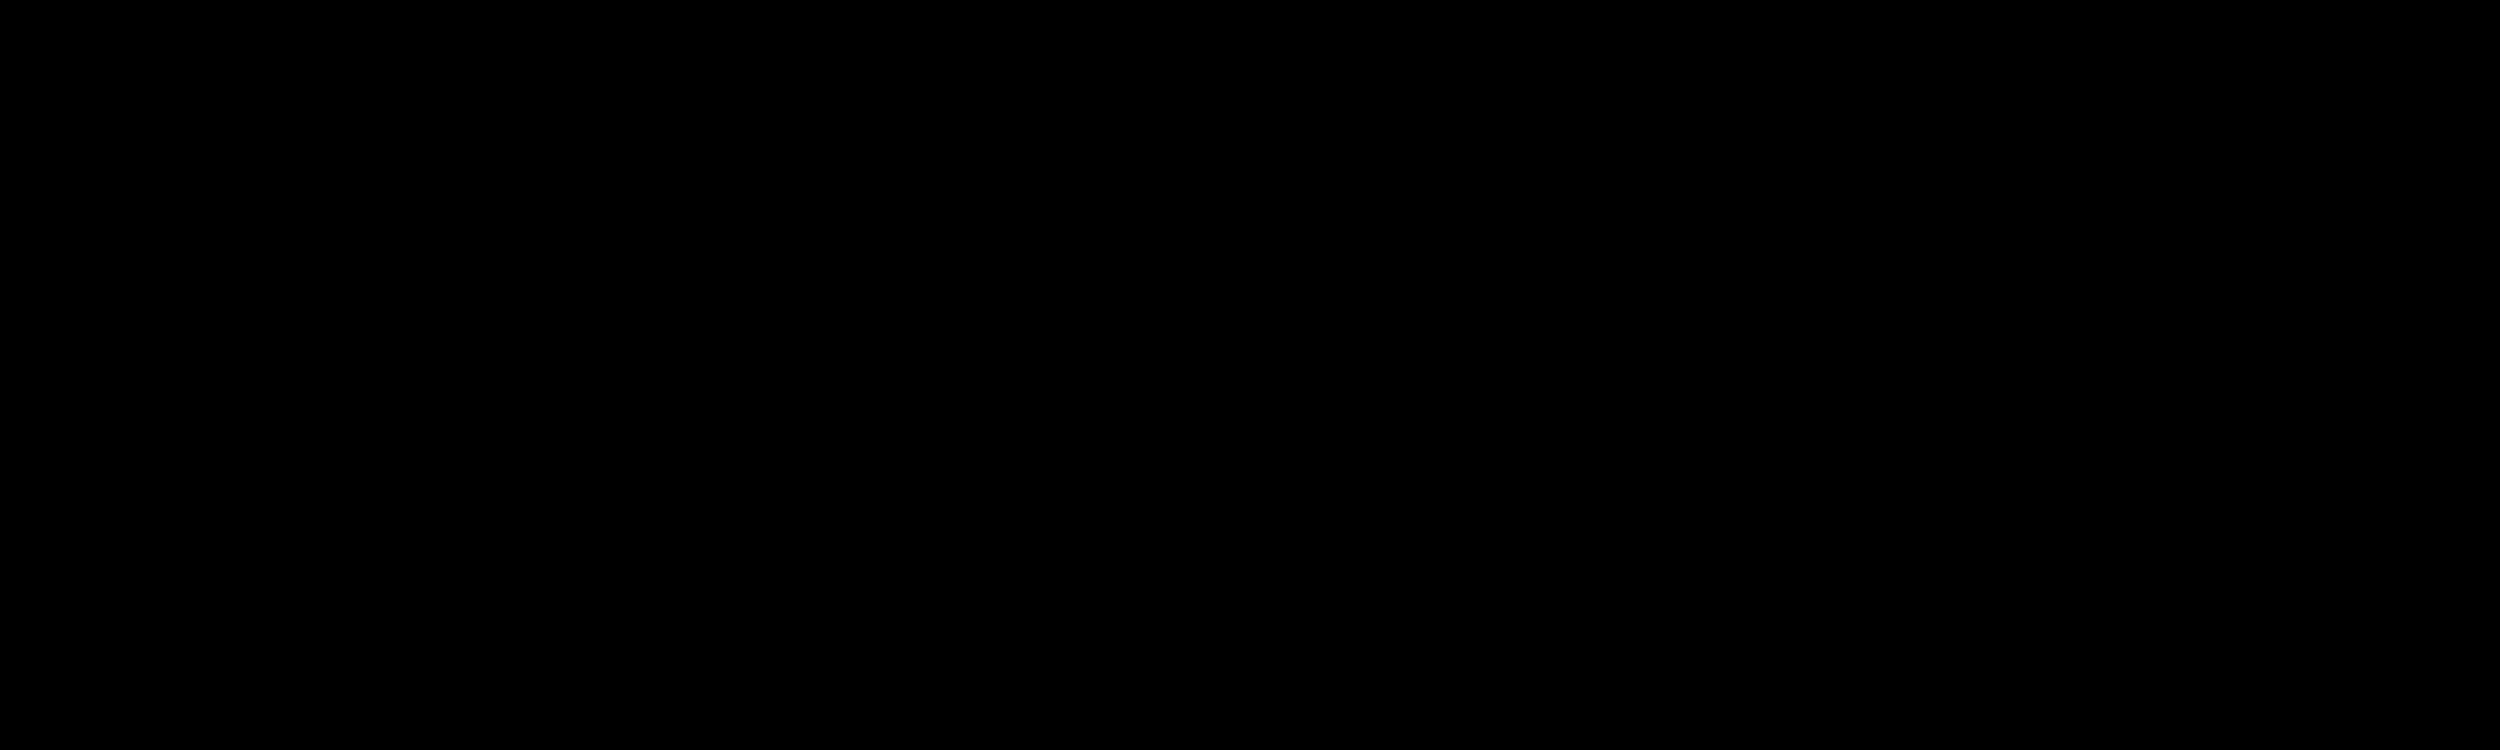 Logo Re.png